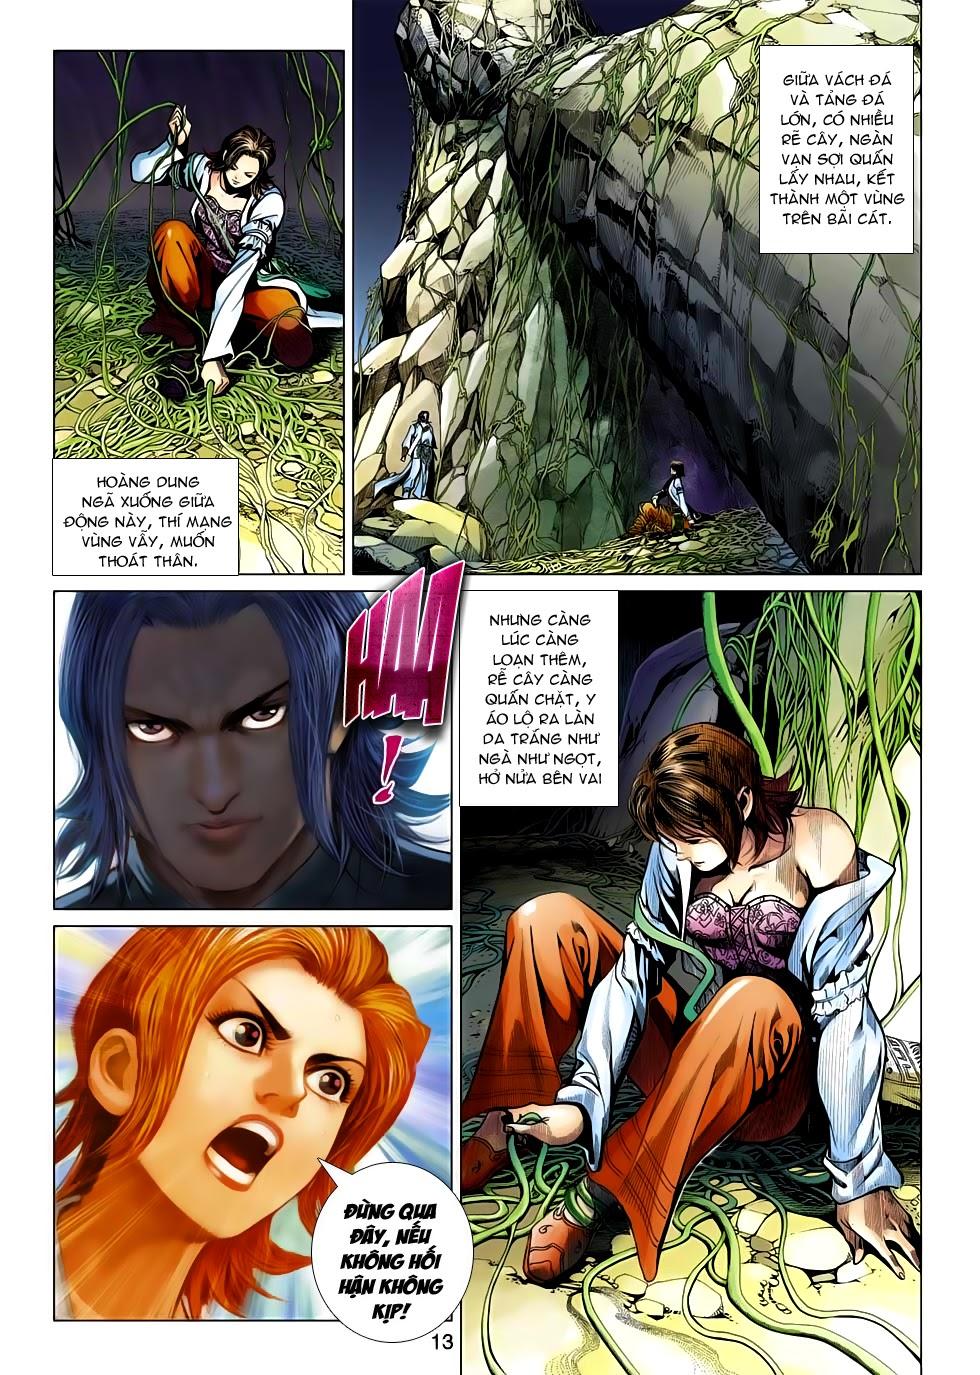 Anh Hùng Xạ Điêu anh hùng xạ đêu chap 54: kiếp hậu dư sinh thiến nữ kỳ mưu trang 13